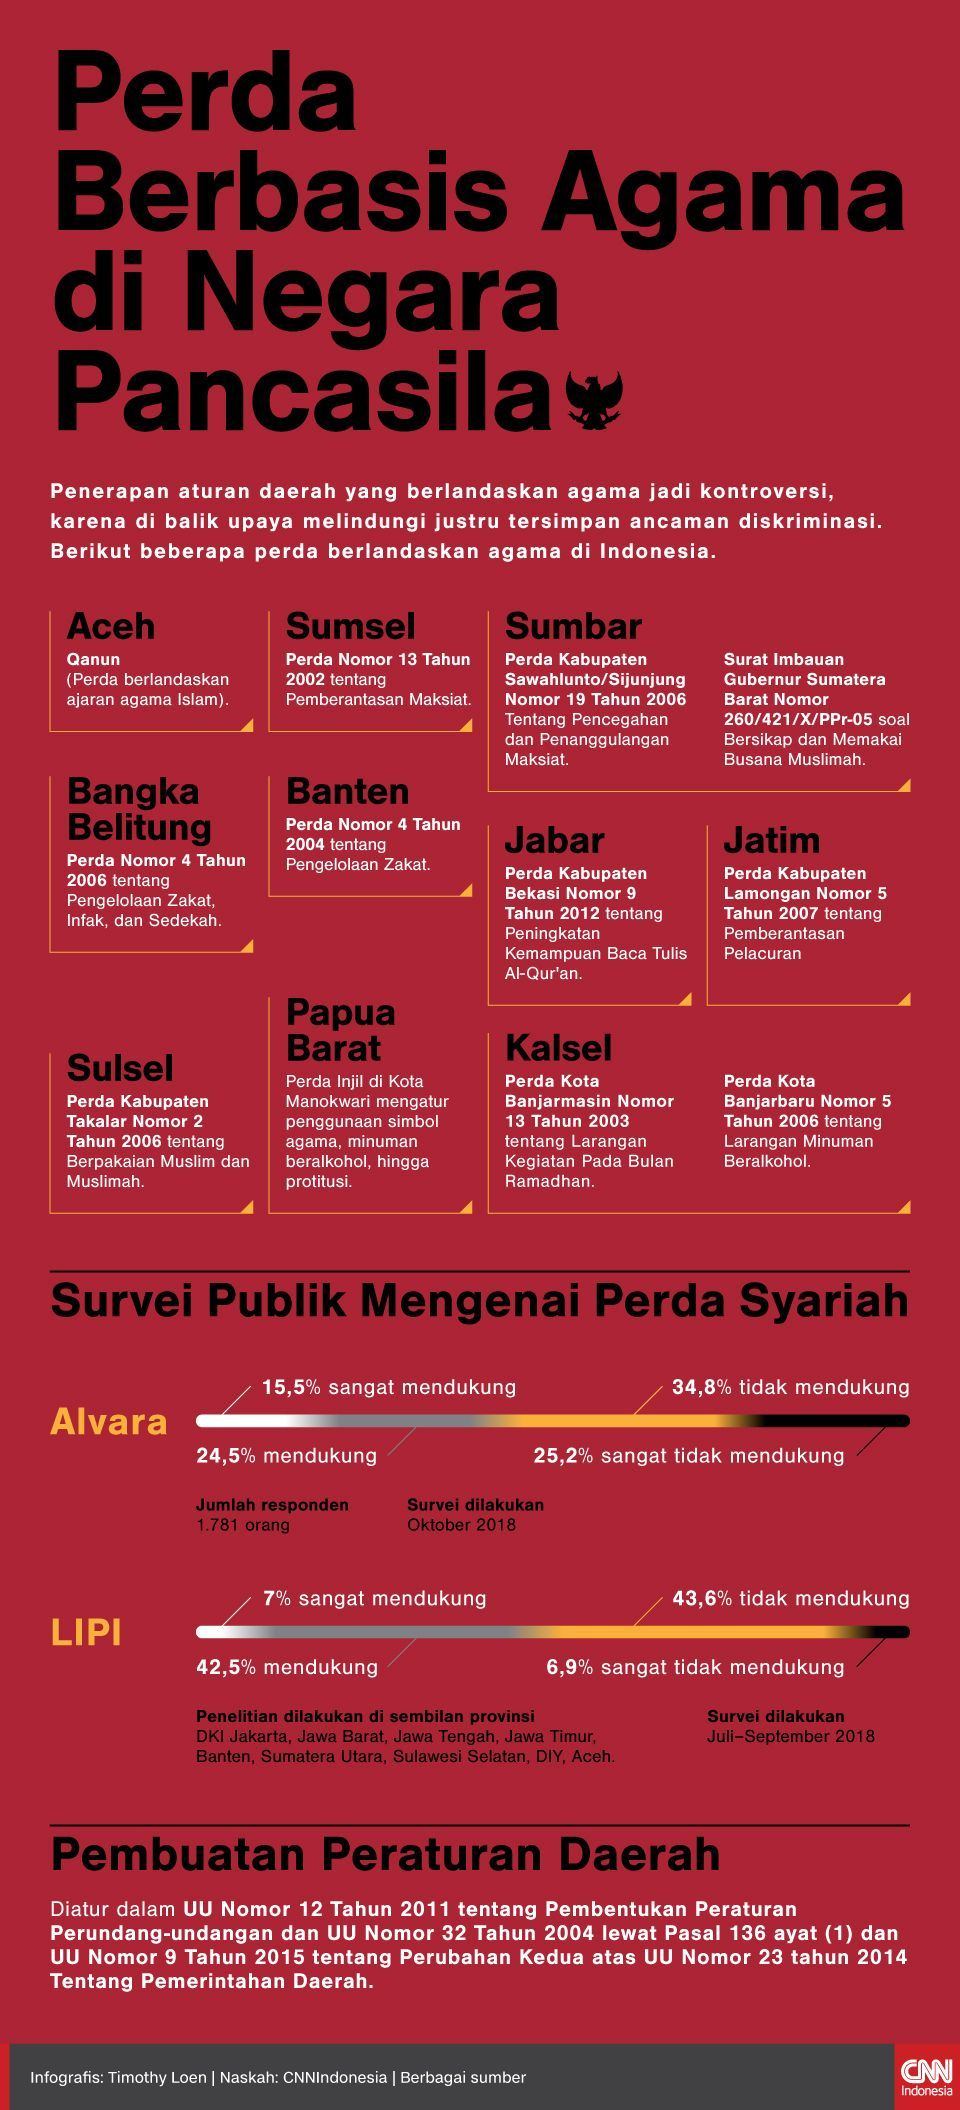 Infografis Perda Berbasis Agama di Negara Pancasila